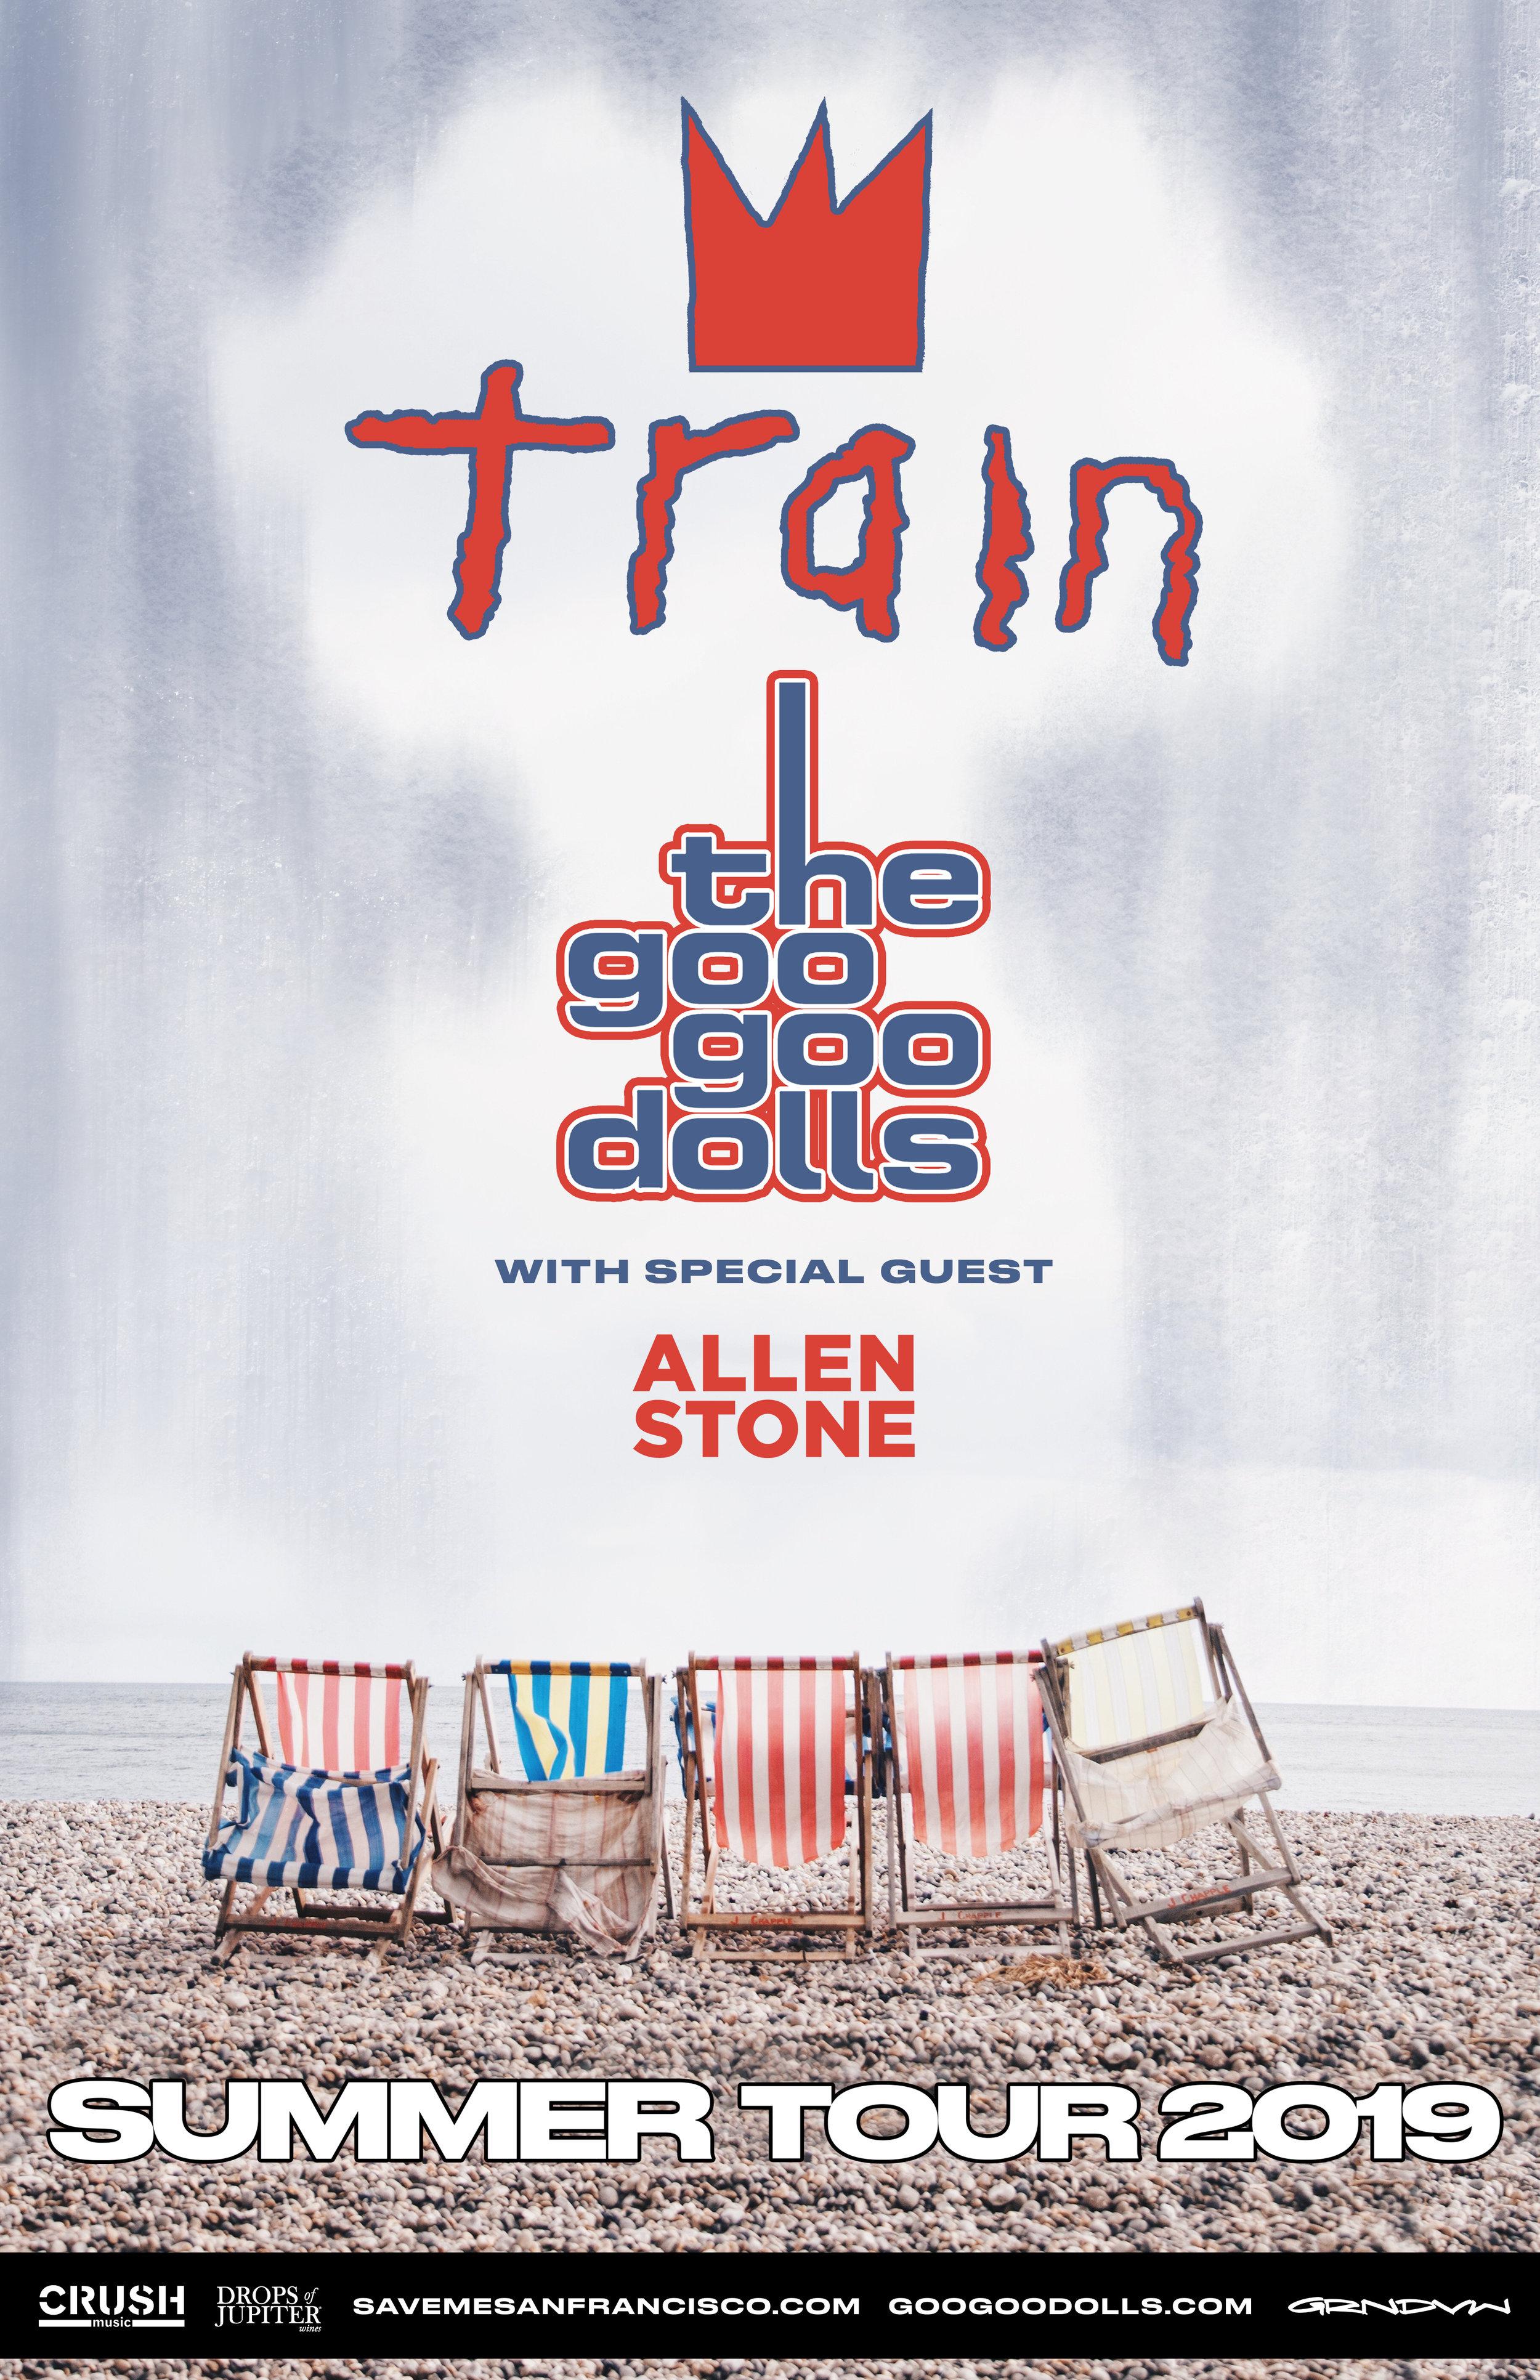 Train_GooGooDolls_2019_AS_COL2a.jpg